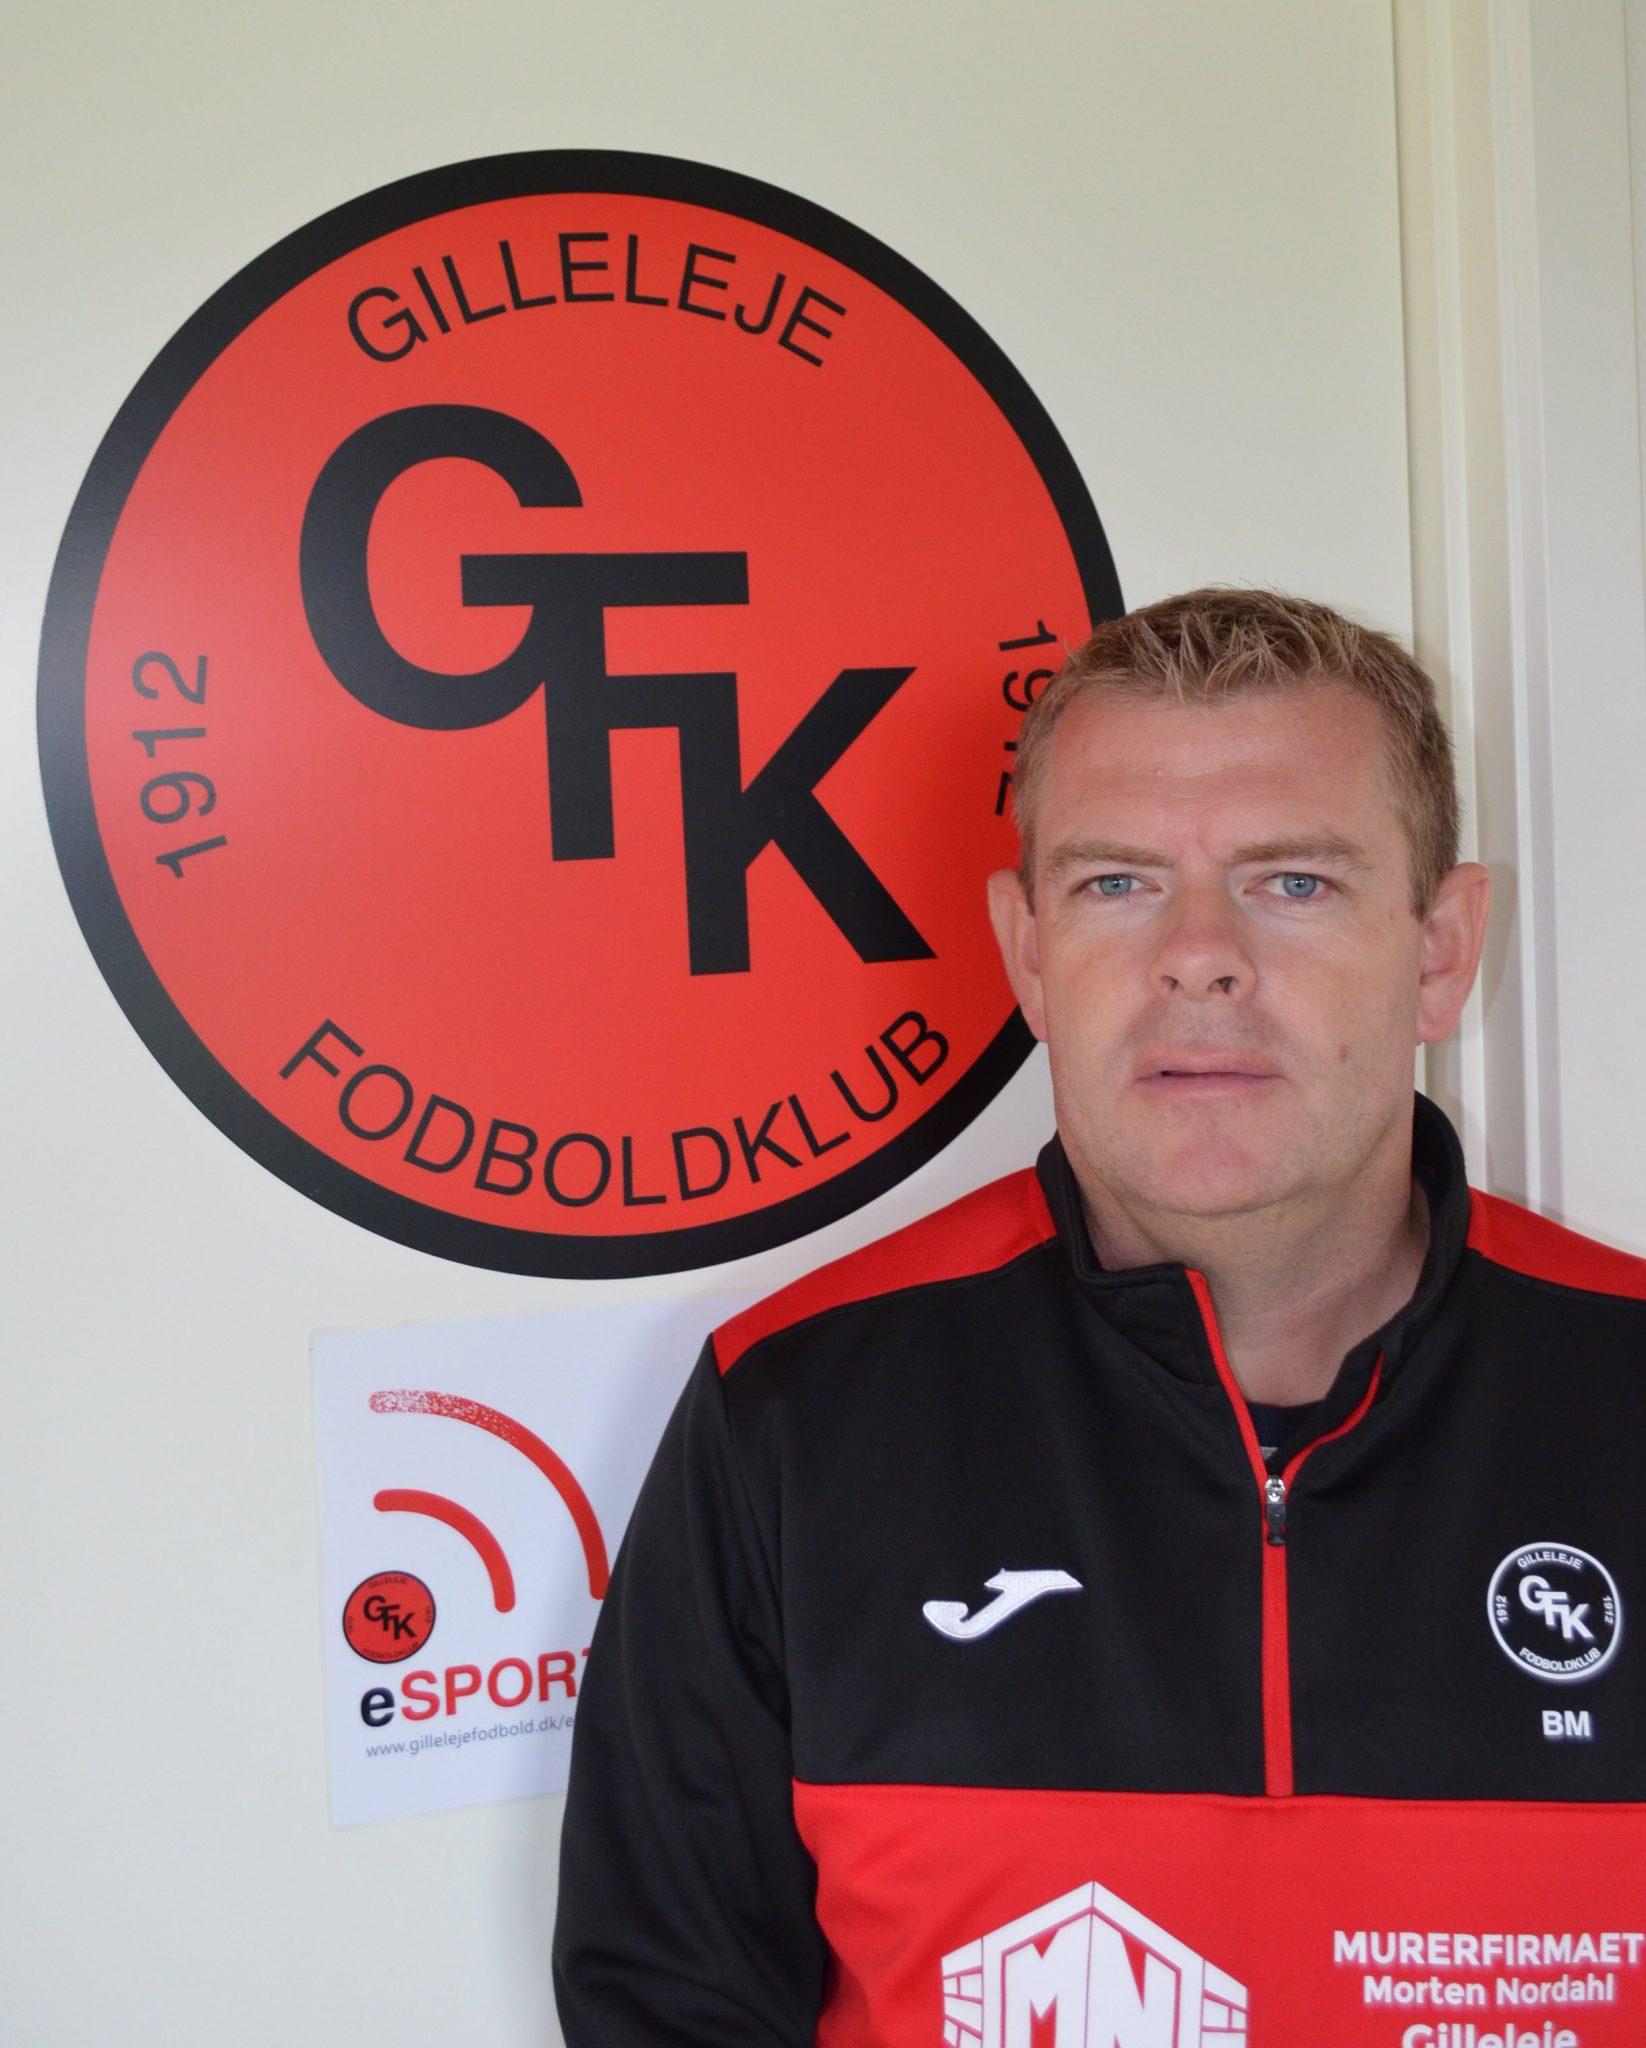 Brian Mogensen, leder af seniorafdelingen i Gilleleje Boldklub